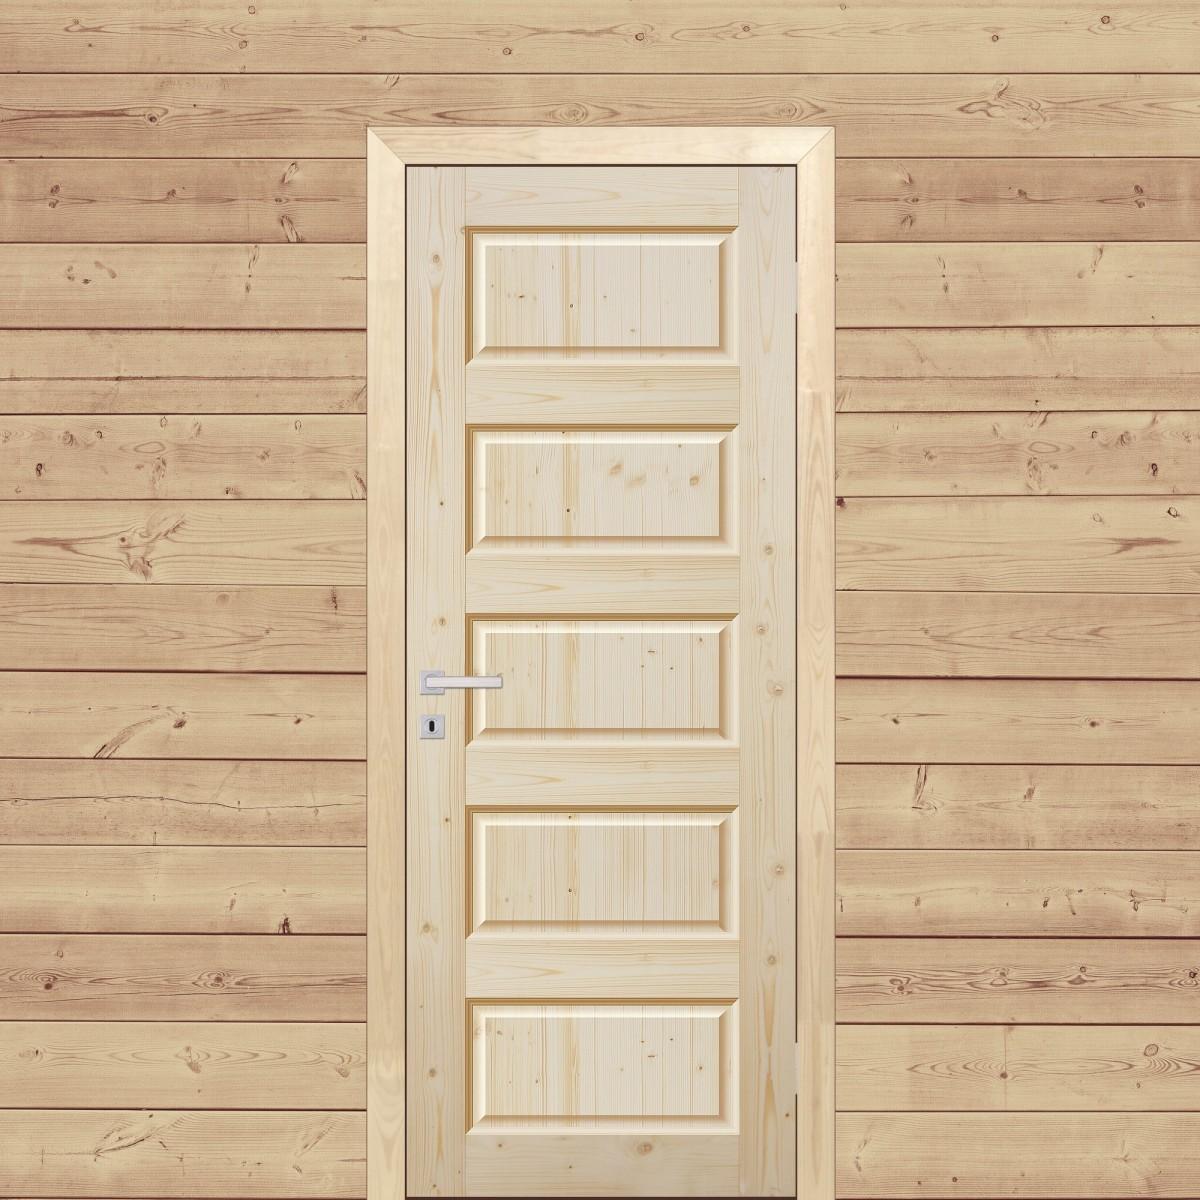 Дверь Межкомнатная Глухая 60x200 Пятифиленчатый Массив Хвои Цвет Натуральный